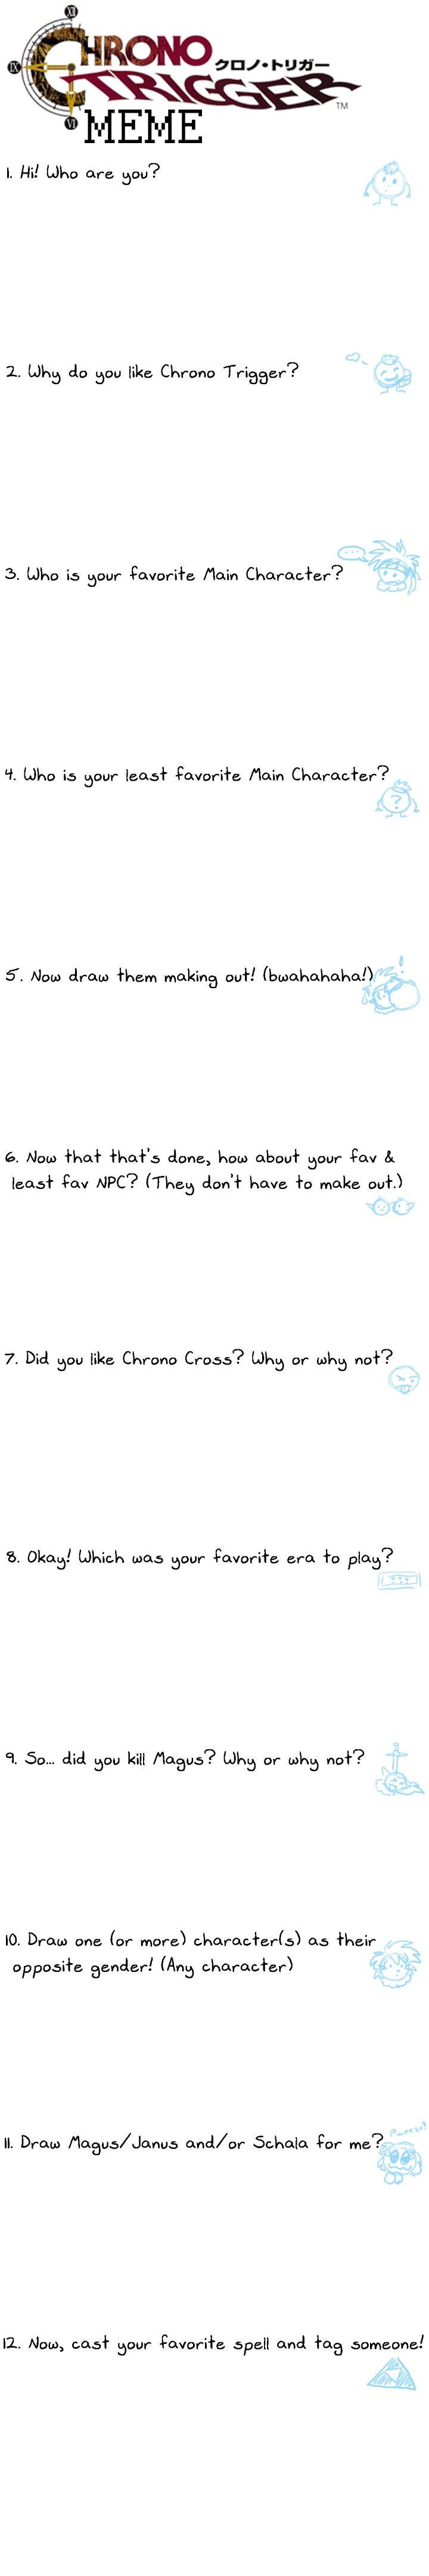 Chrono Trigger Meme by vaiya